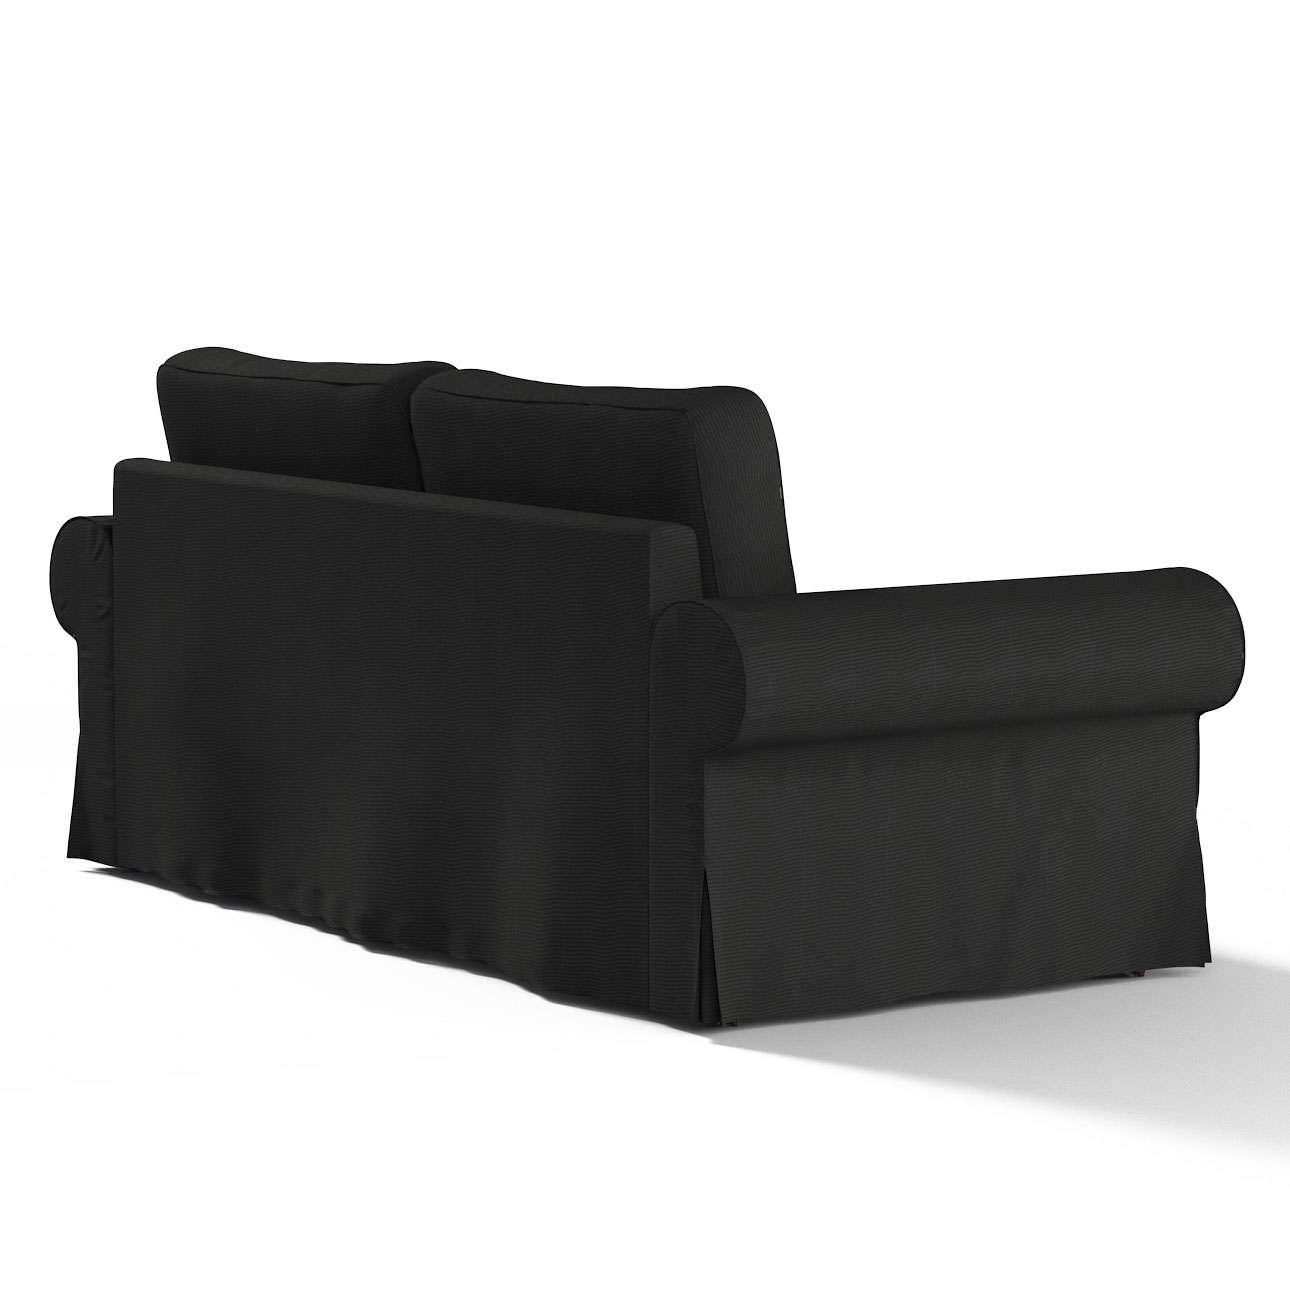 Backabro 3-Sitzer Sofabezug ausklappbar von der Kollektion Etna, Stoff: 705-00